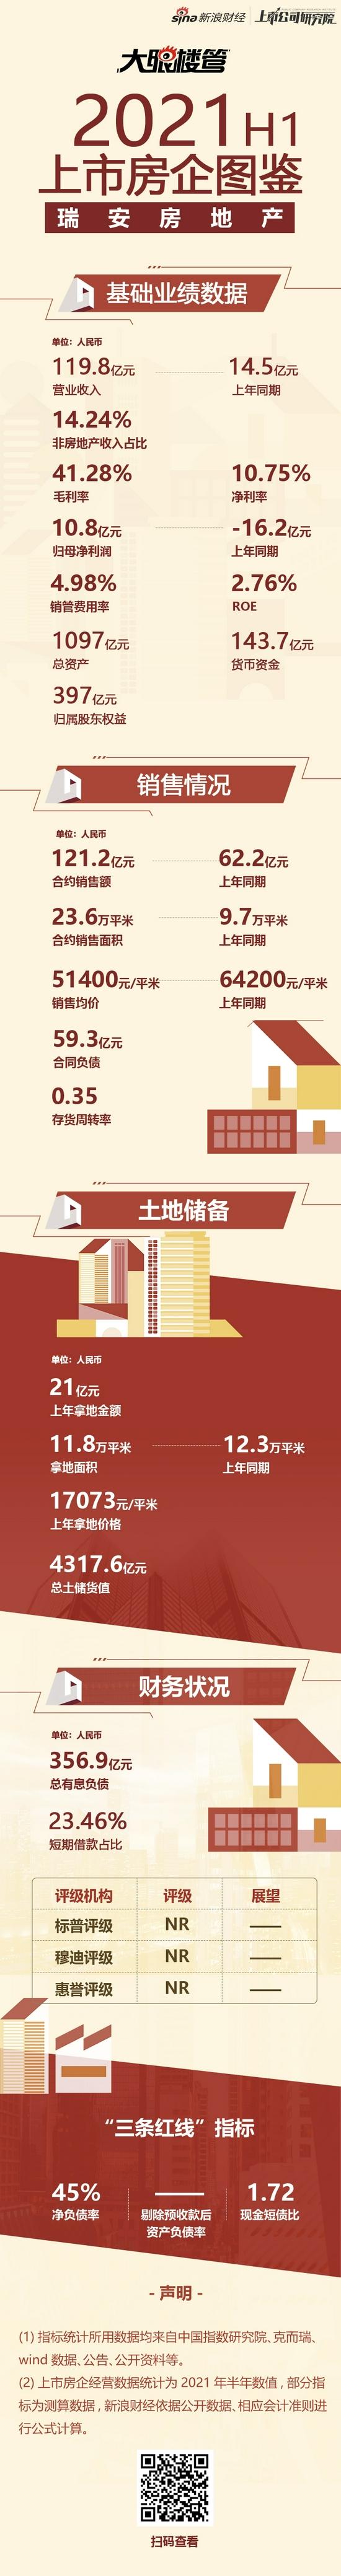 瑞安房地产:营收119.8亿元  存货周转率0.35